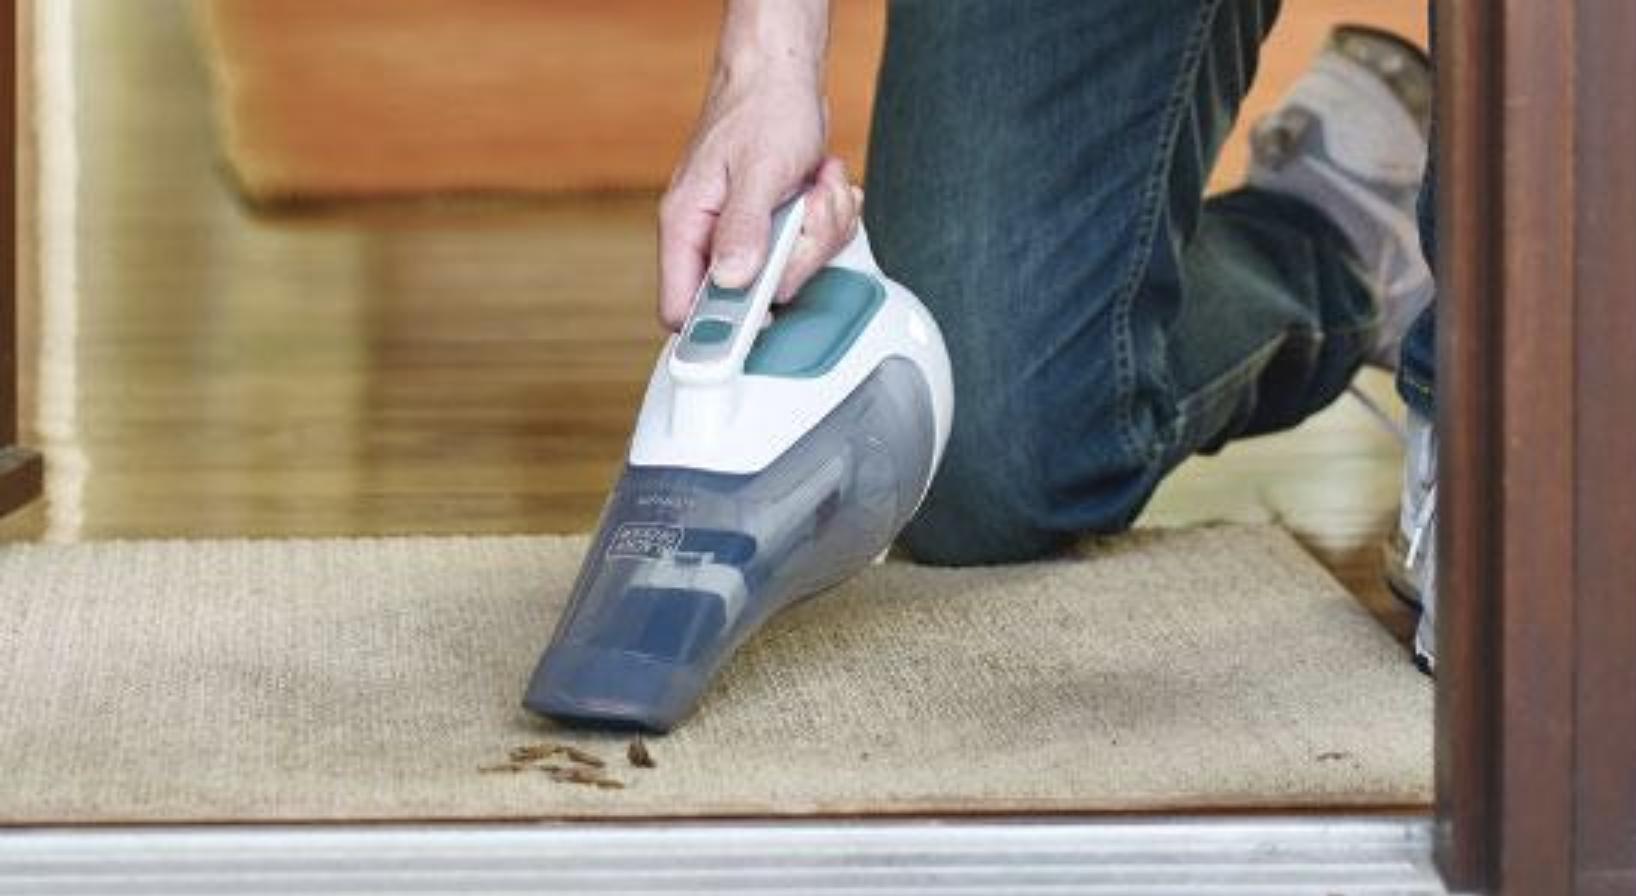 Una persona usa una aspiradora para limpiar un tapete